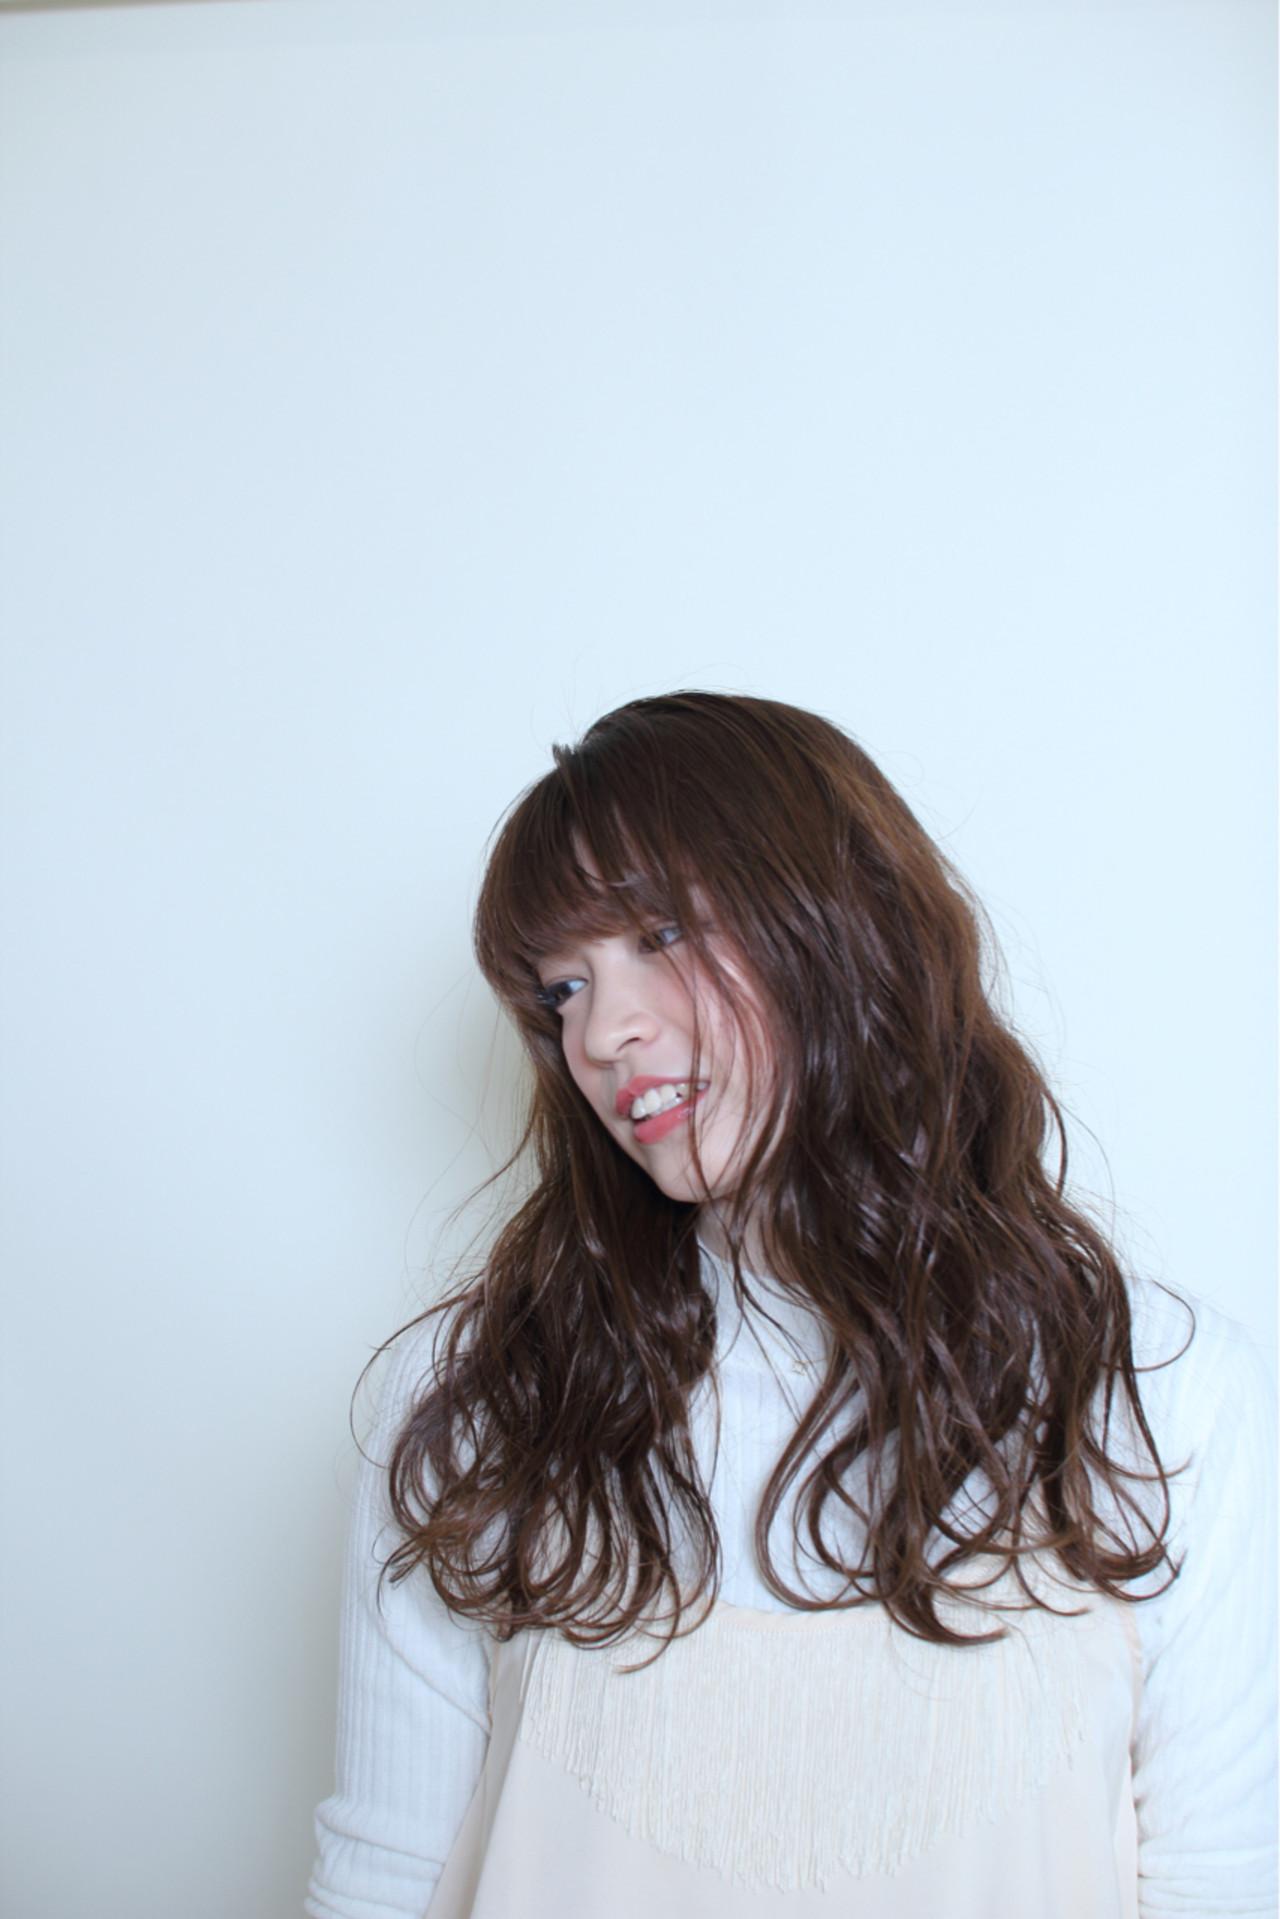 ウェットヘア ナチュラル 抜け感 波ウェーブ ヘアスタイルや髪型の写真・画像